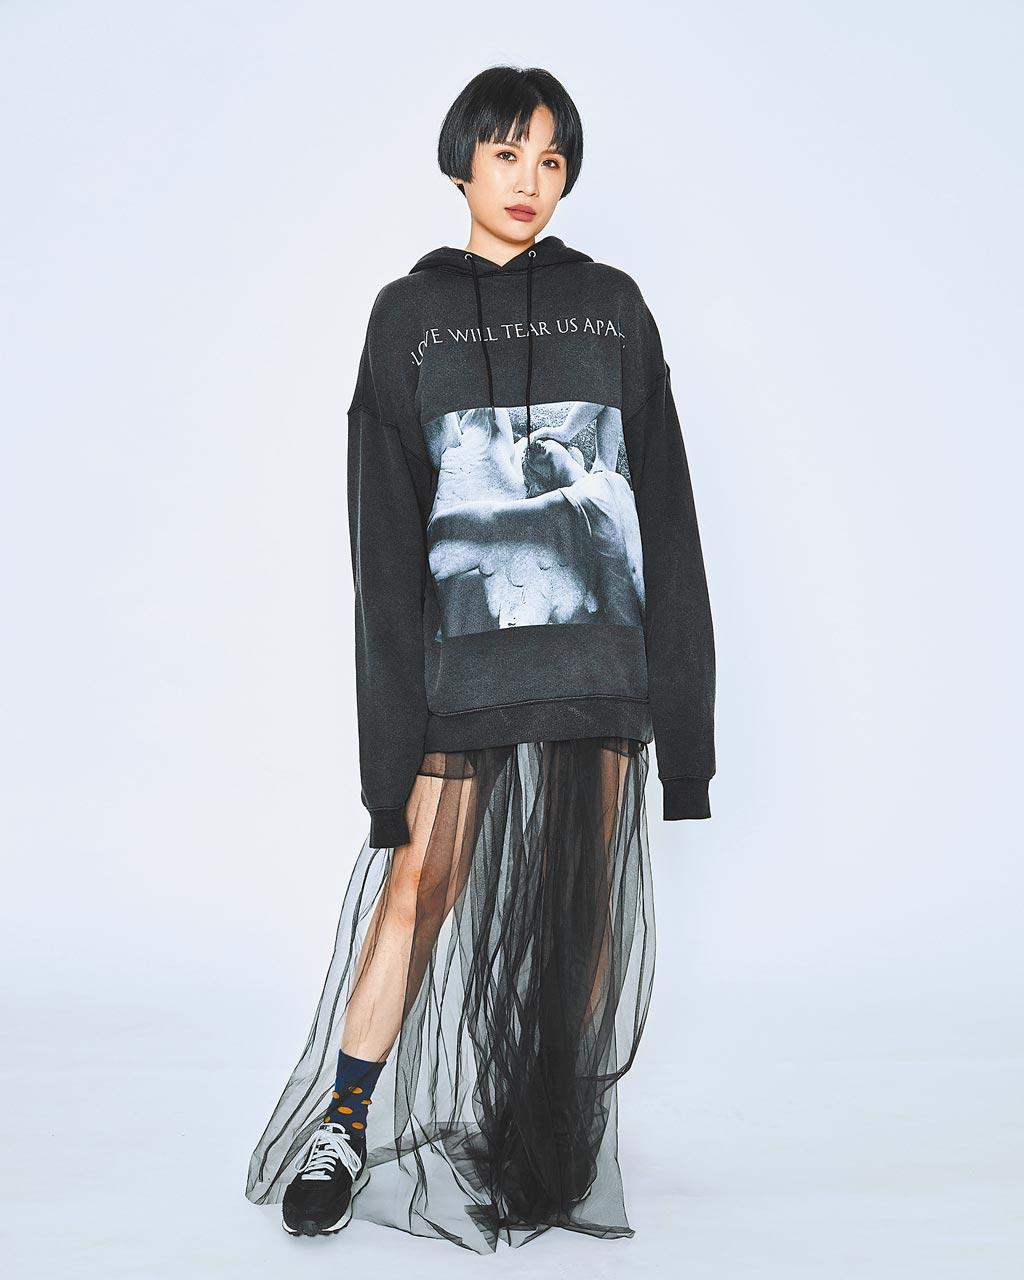 魏如萱暌違3年新專輯《藏著並不等於遺忘》雙料獲獎。(好多音樂提供)